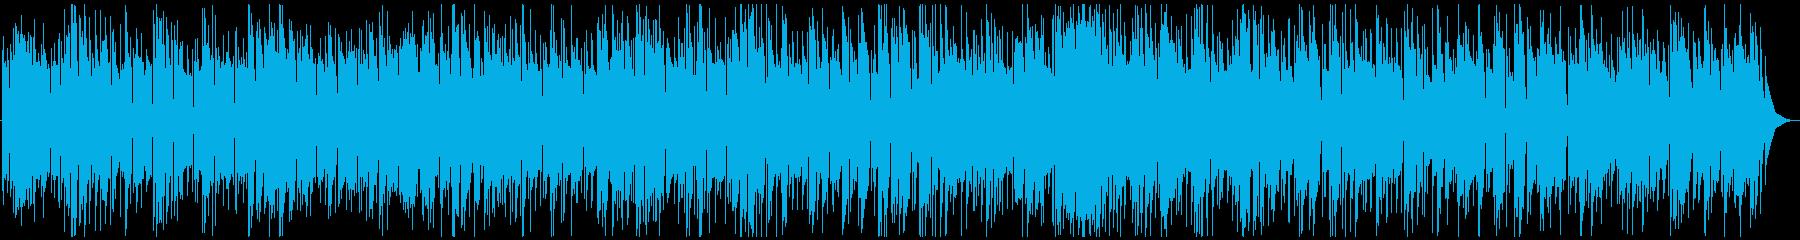 哀愁を感じるアコギBGMの再生済みの波形